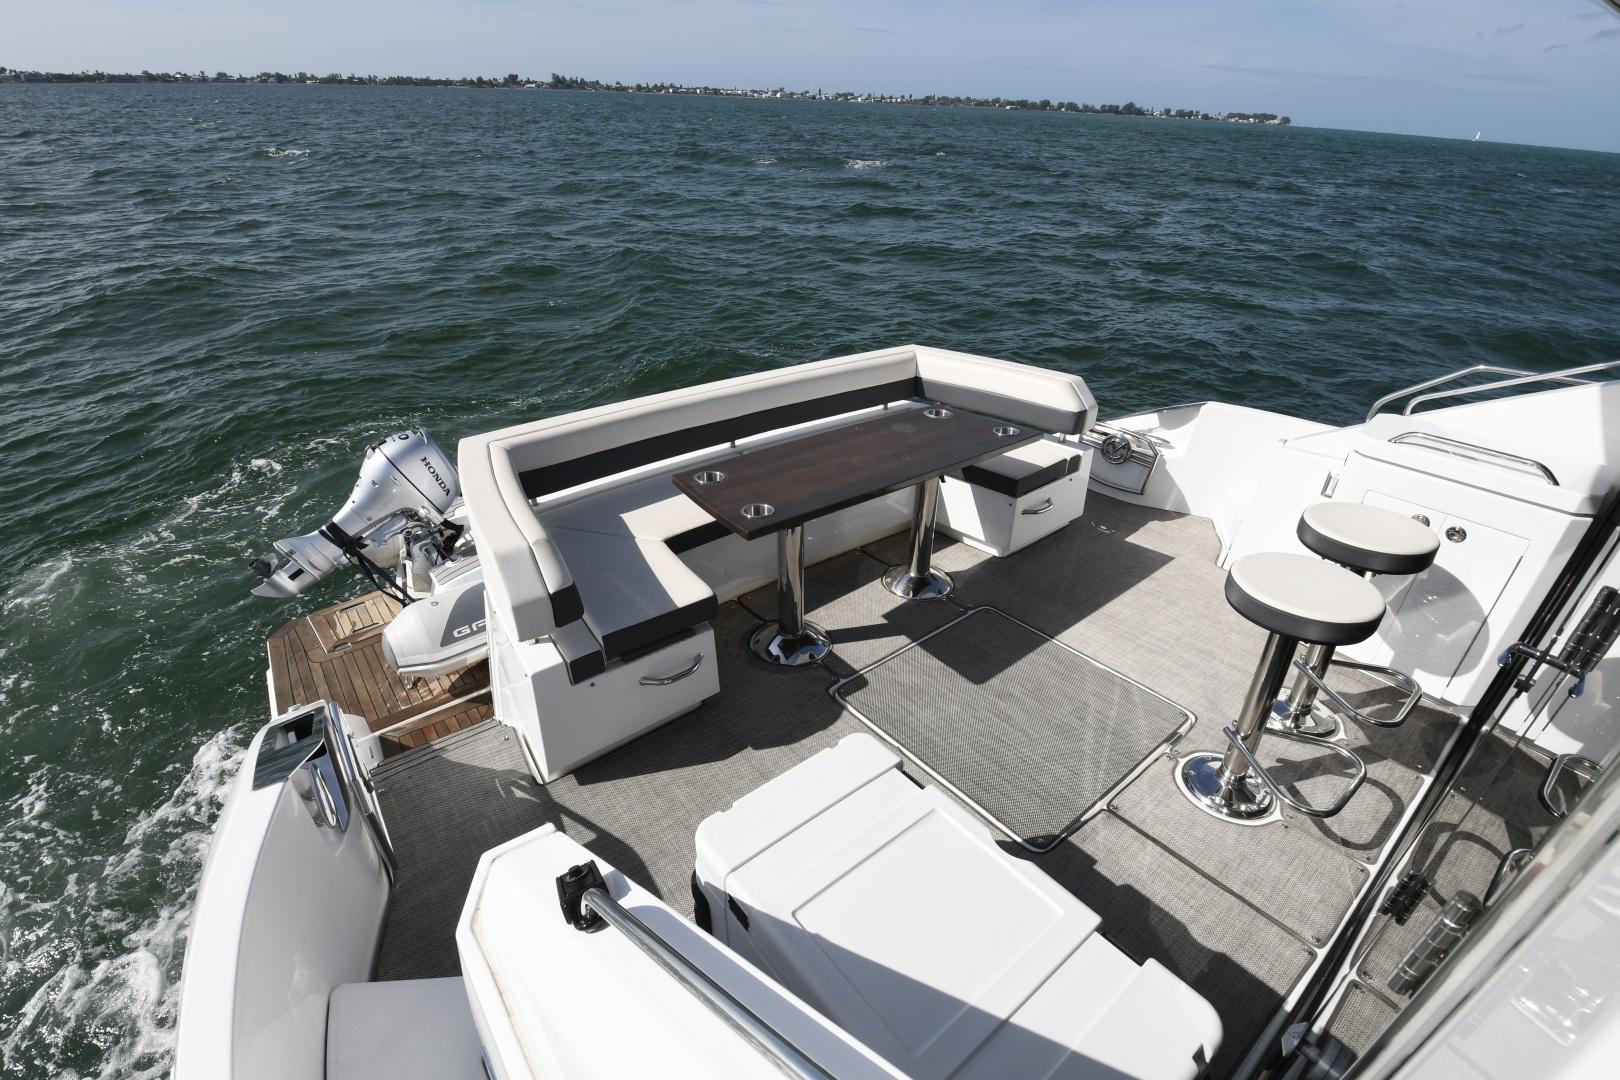 Cruisers-60 Cantius 2017-Mrs. Robinson Anna Maria Island-Florida-United States-2017 Cruisers 60 Cantius  Mrs. Robinson  Cockpit -1538489 | Thumbnail